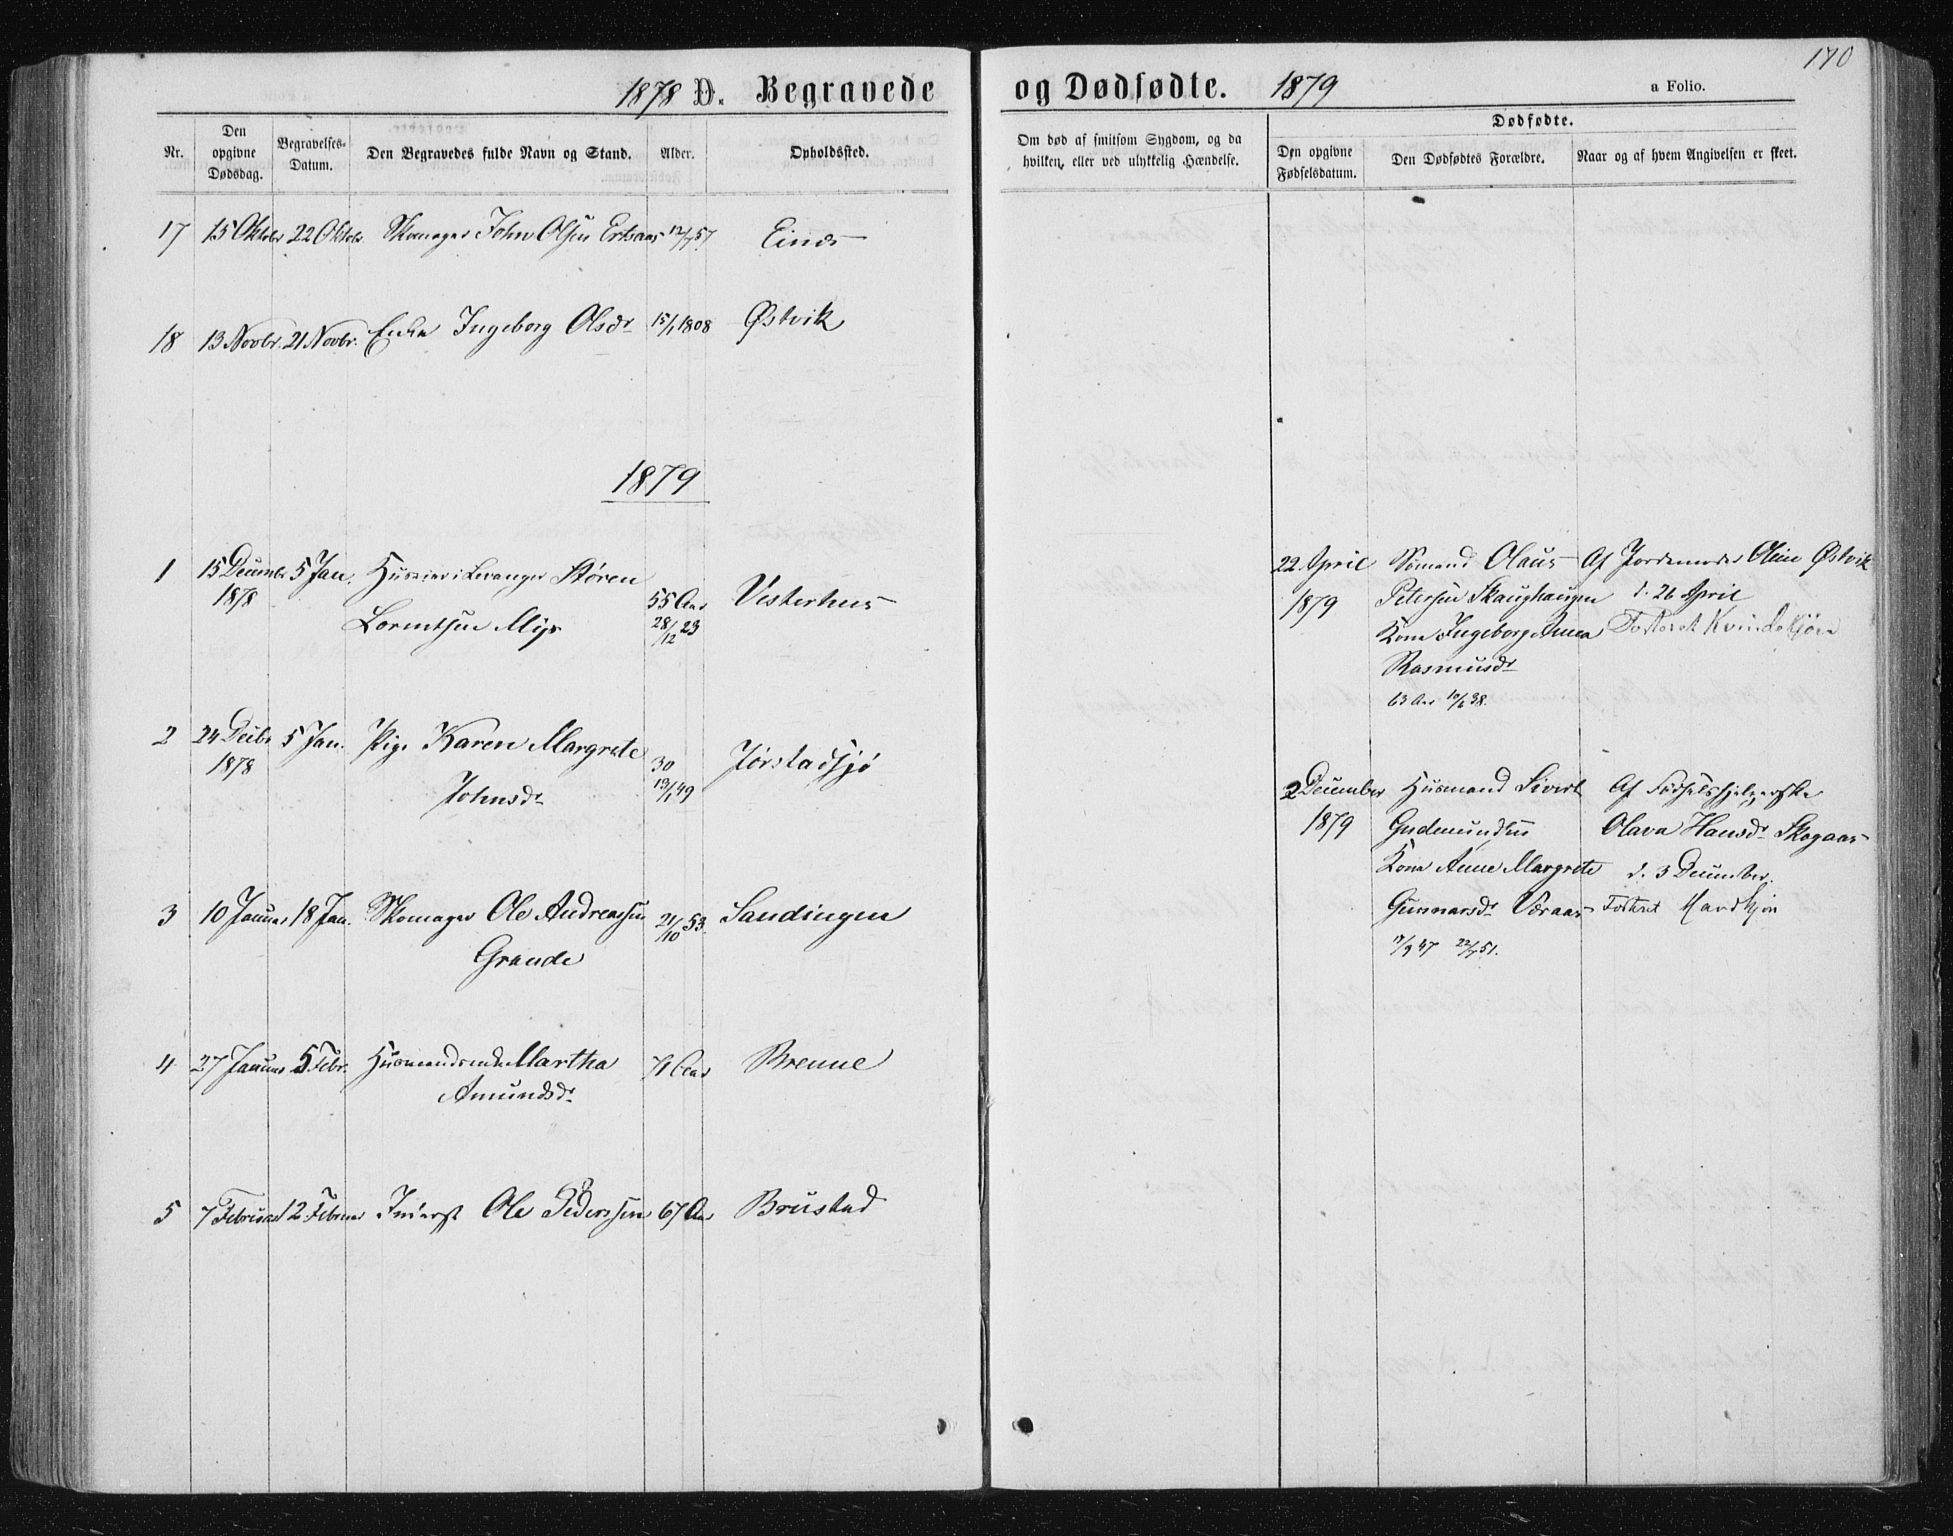 SAT, Ministerialprotokoller, klokkerbøker og fødselsregistre - Nord-Trøndelag, 722/L0219: Ministerialbok nr. 722A06, 1868-1880, s. 170